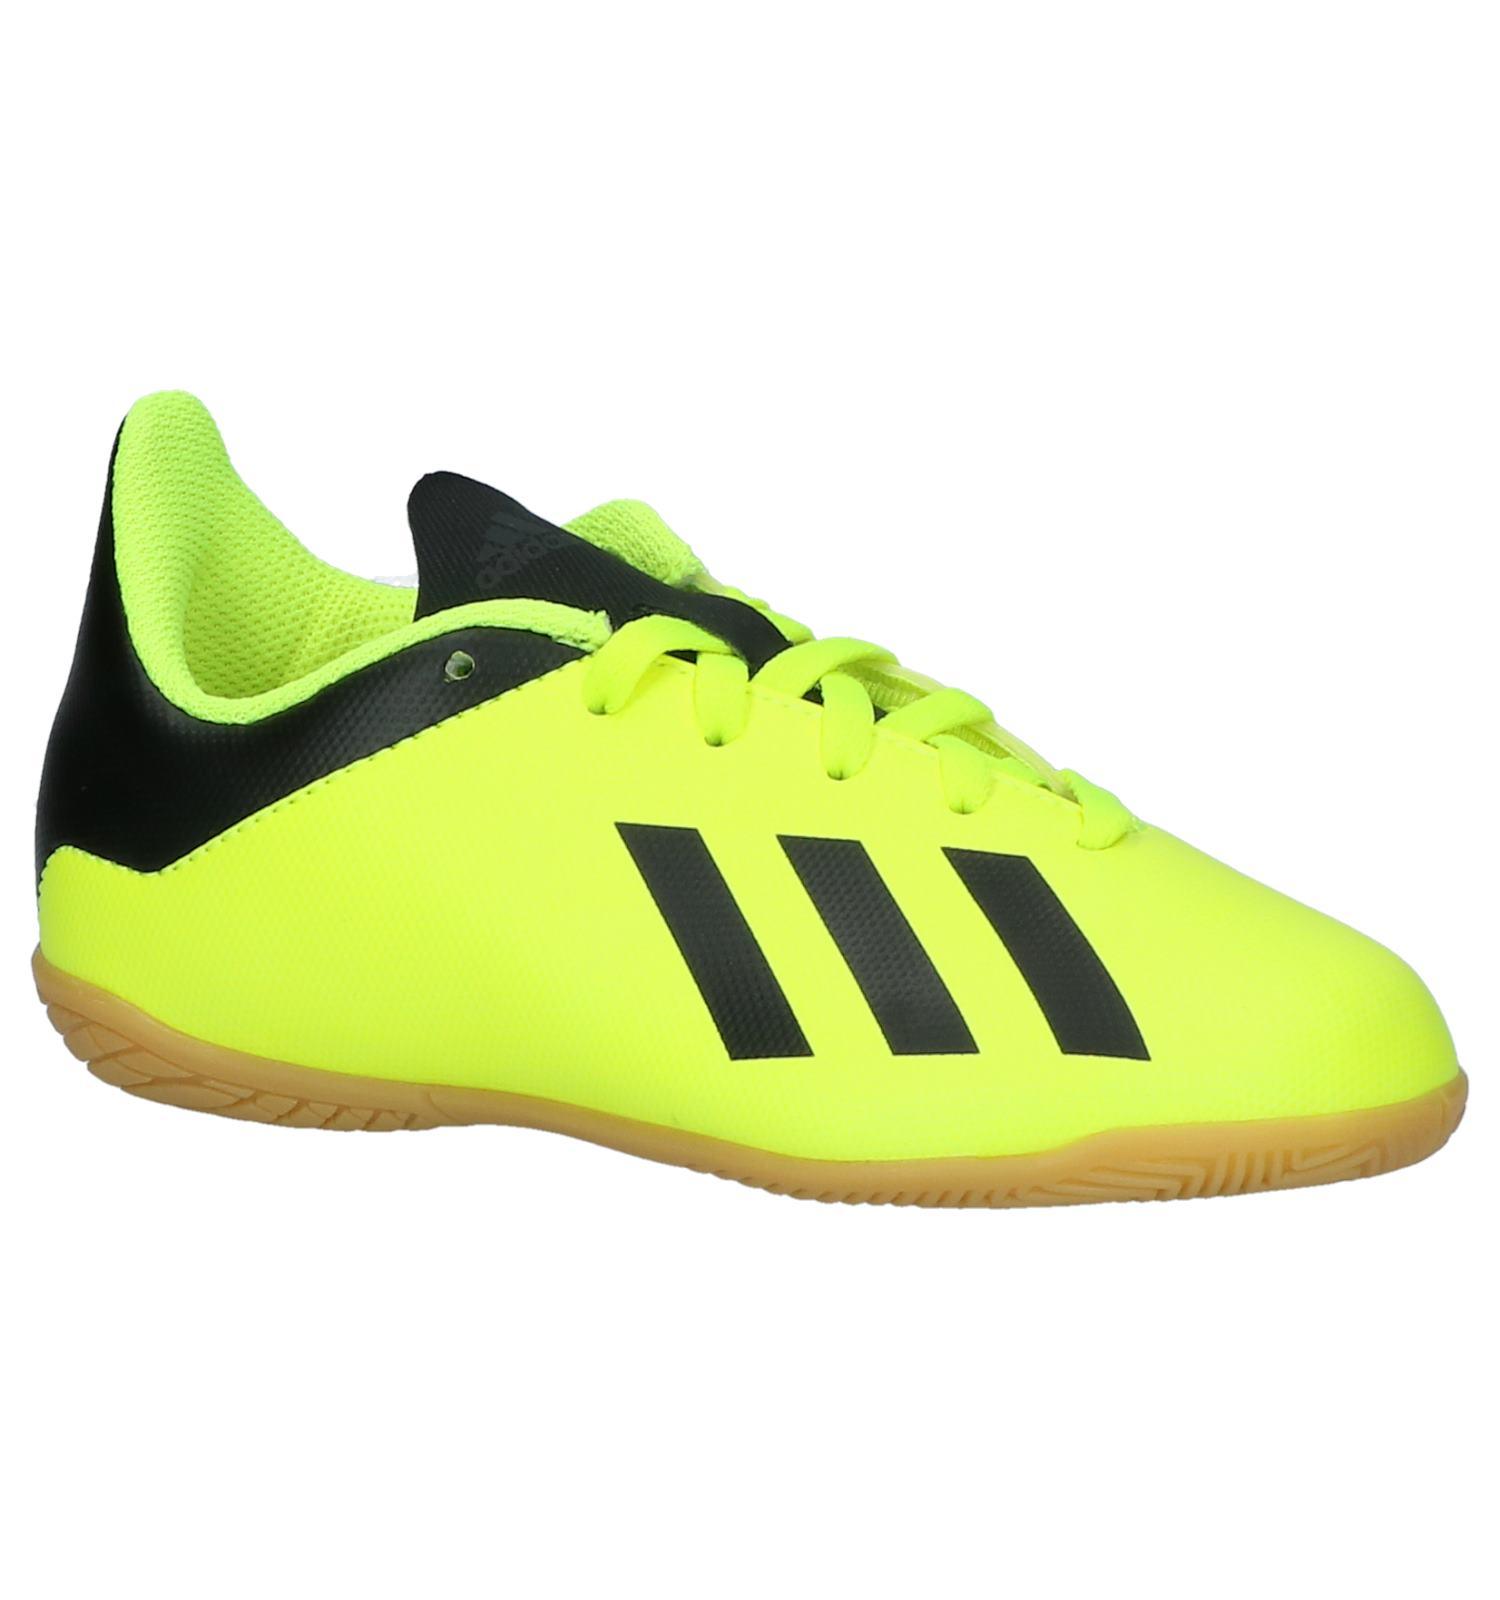 Et be Livraison Chaussures De Retour FootfluoTorfs Adidas Gratuits POn0wk